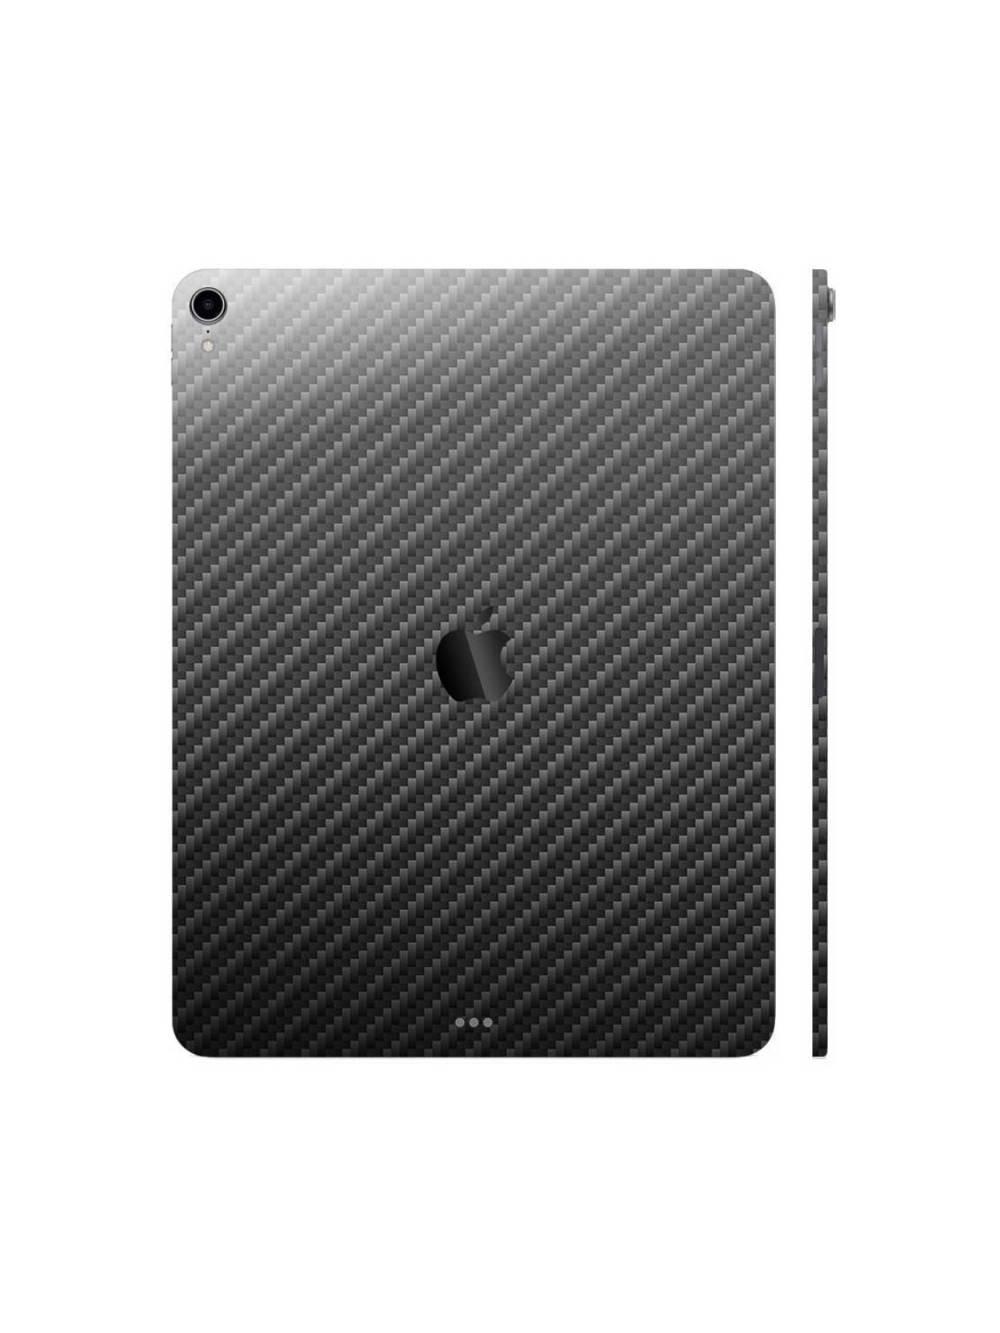 Apple iPad Pro 12.9-inch 2018 Gen 3 Skin Wrap